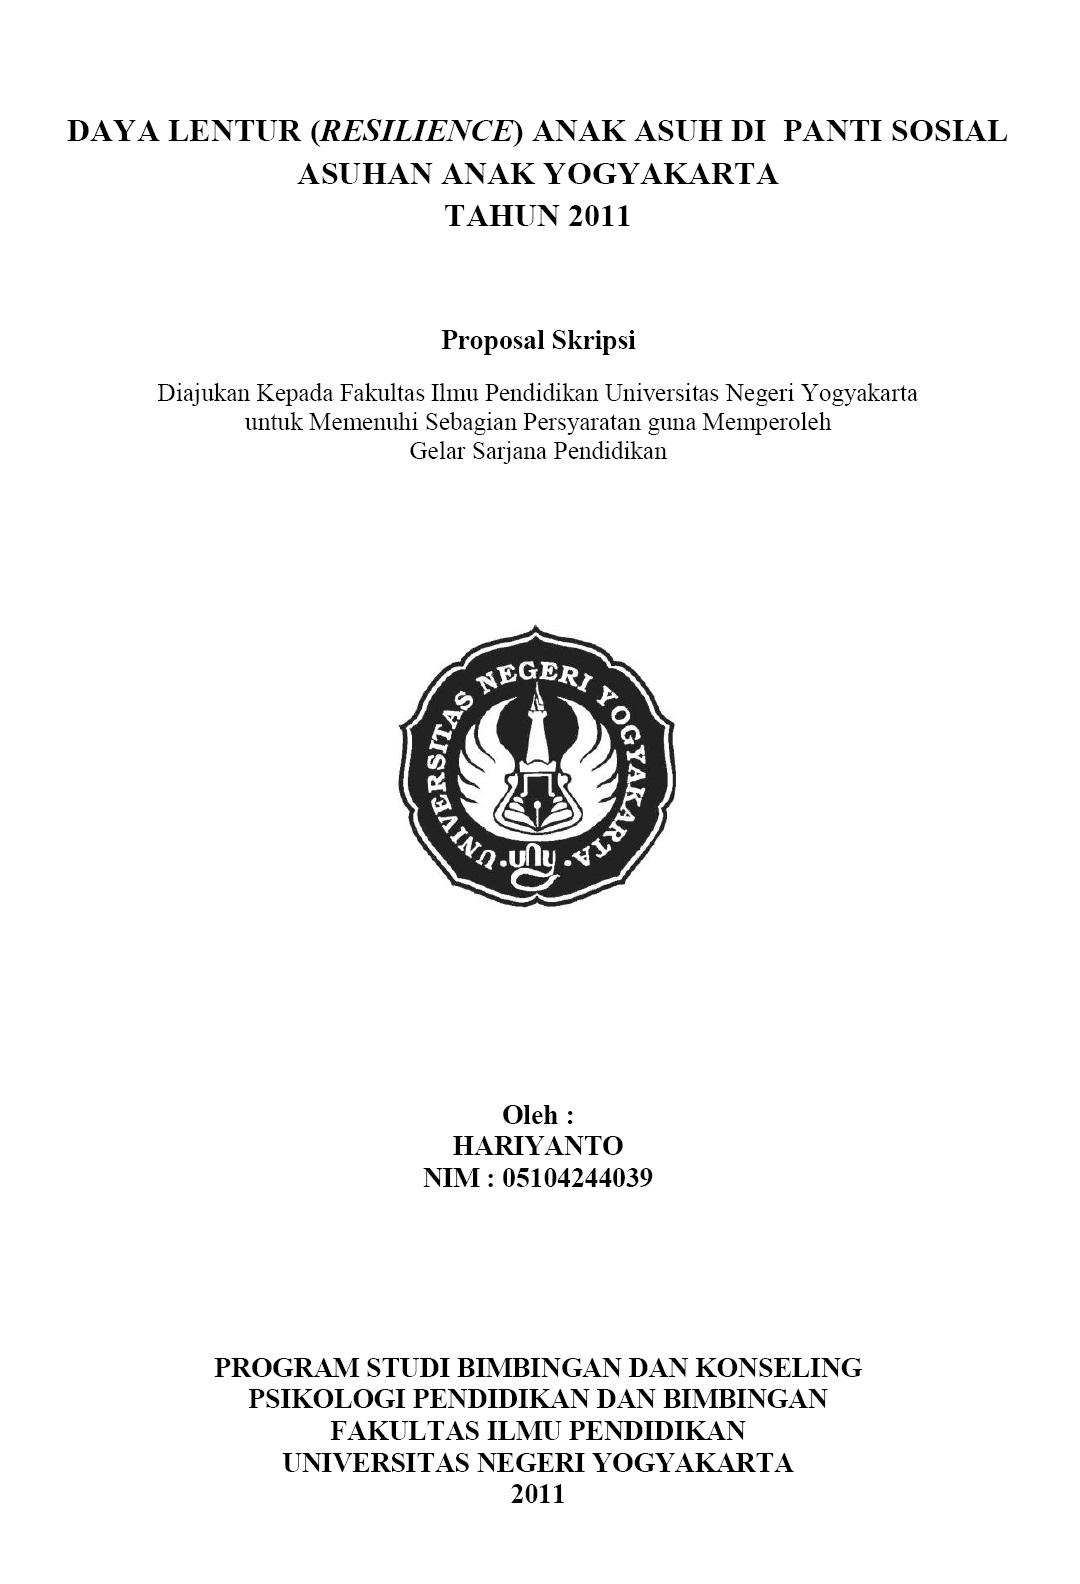 Contoh Proposal Skripsi Panti Asuhan Anak Kumpulan Judul Contoh Skripsi Keperawatan Contoh Proposal Skripsi Dan Tesis